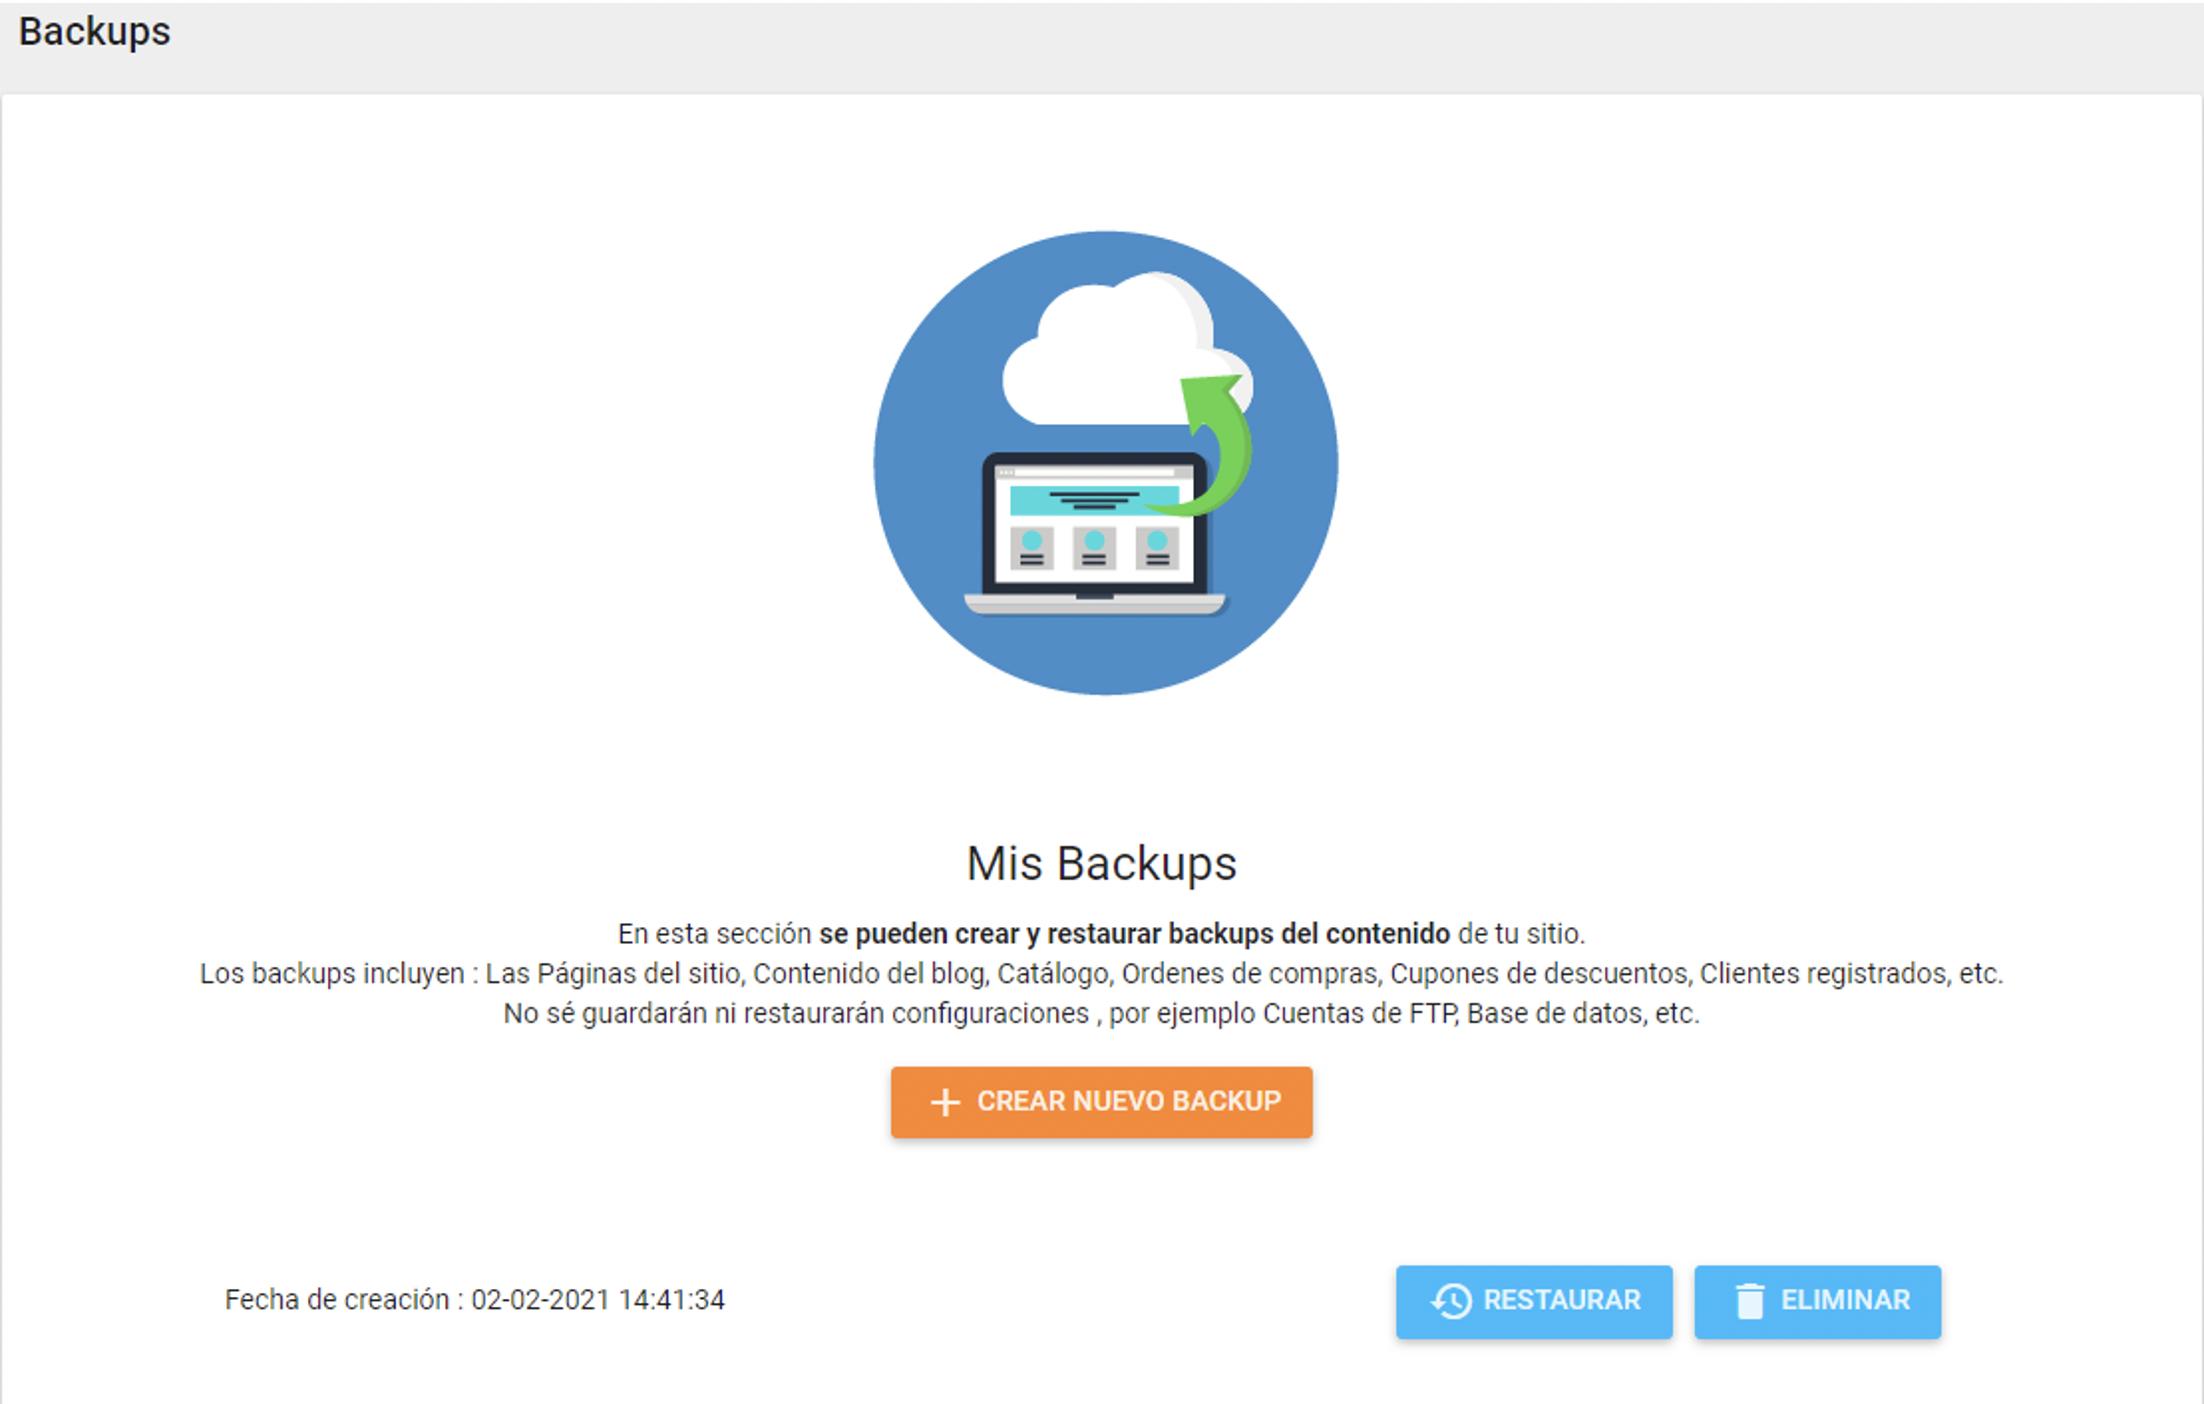 como crear un backup en SitioSimple